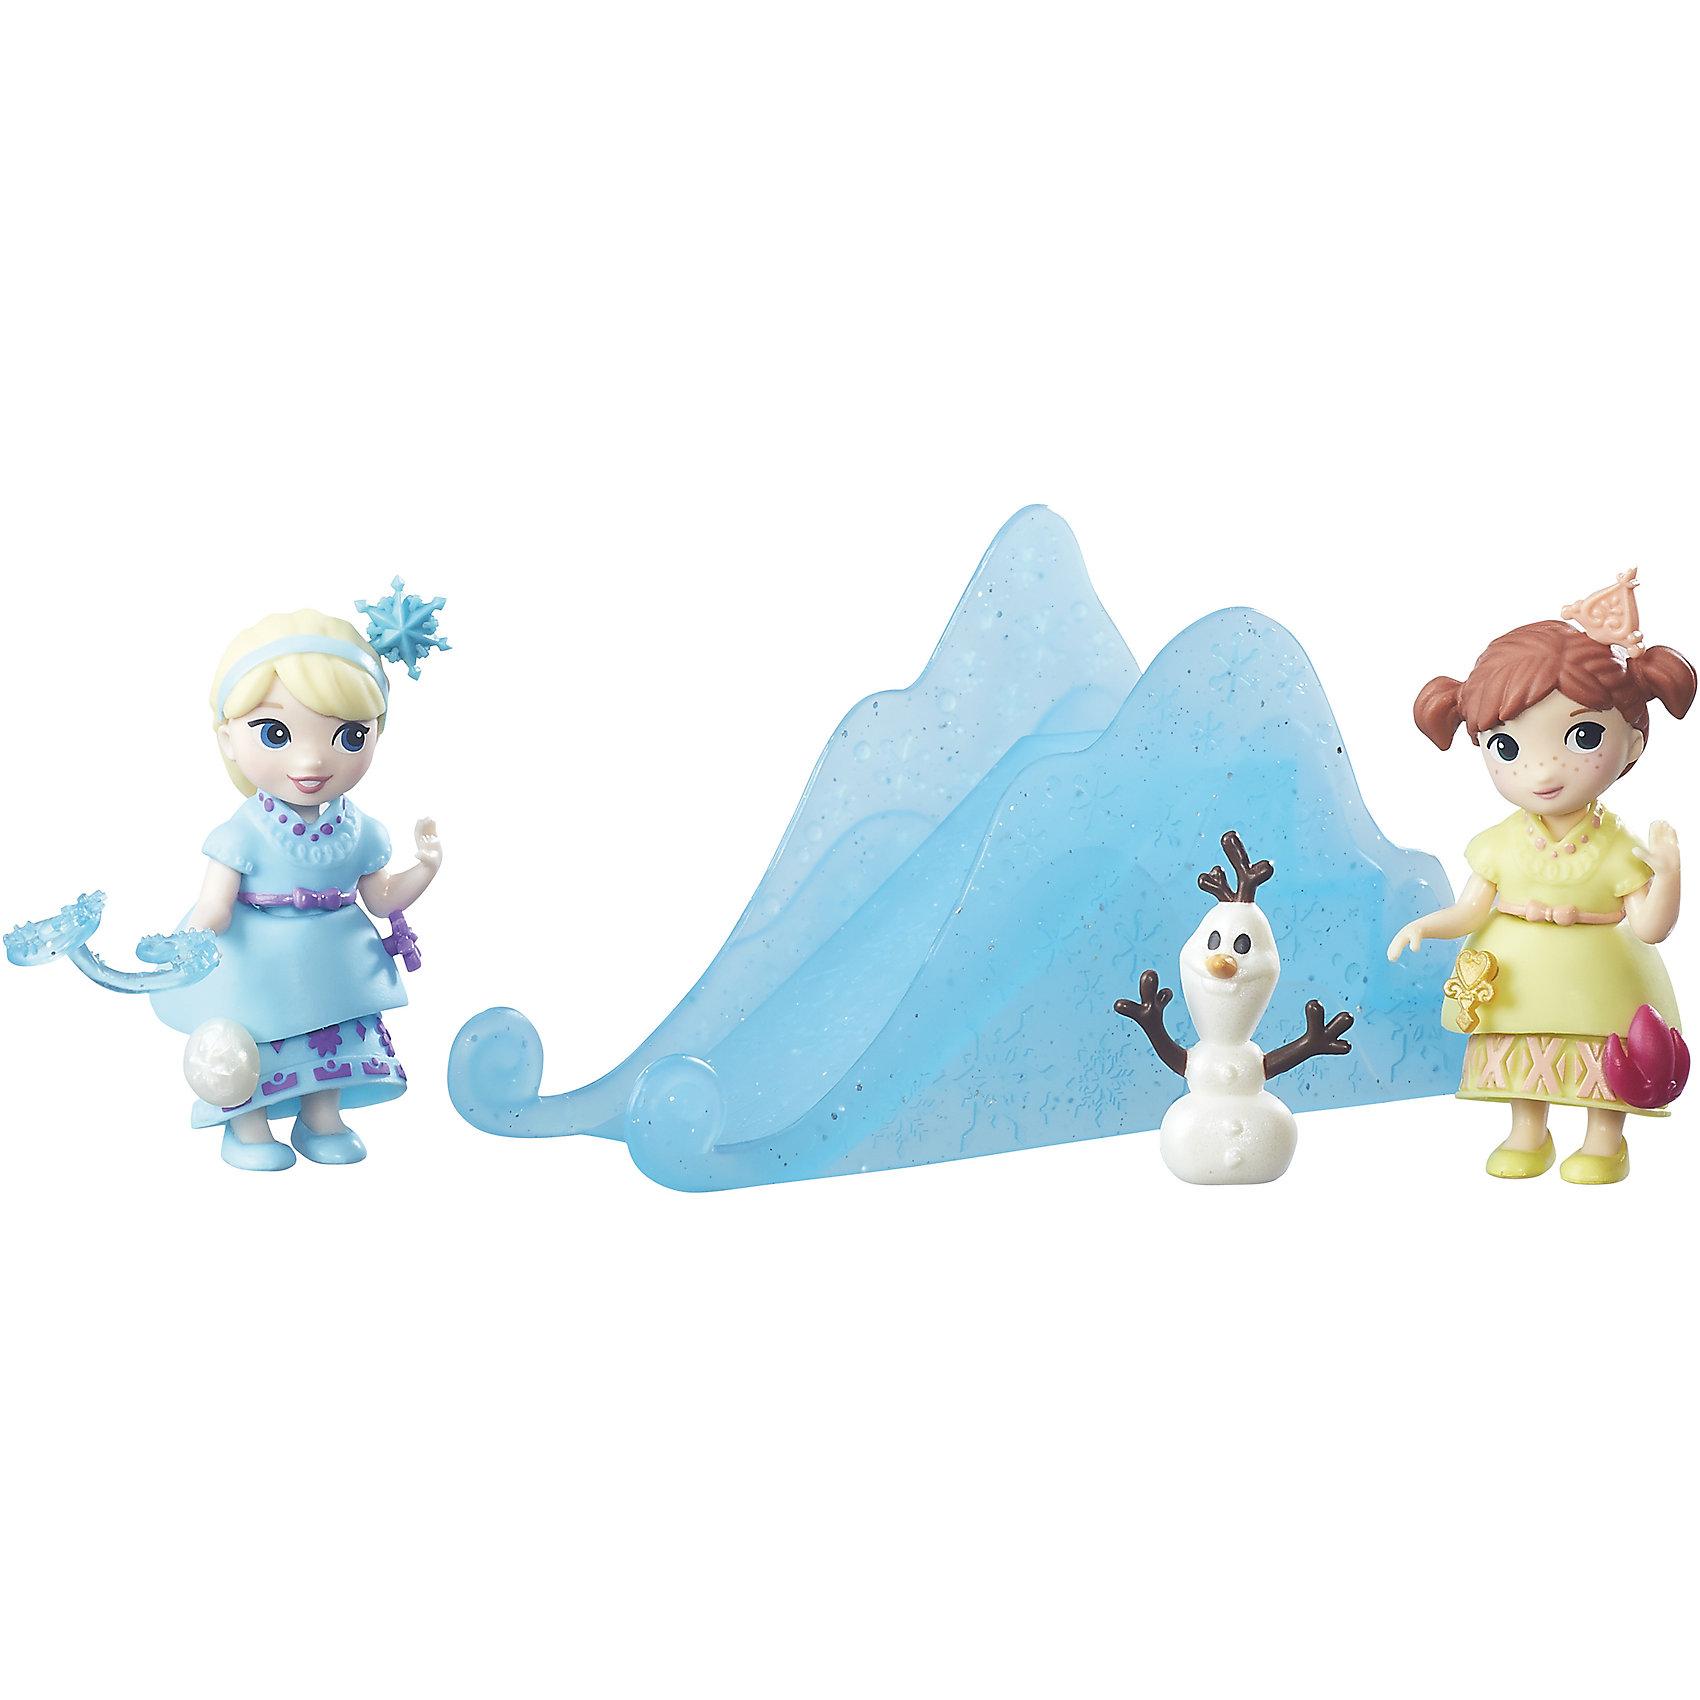 Игровой набор герои Холодное сердце, Hasbro, B5191/B7468Игровые наборы фигурок<br>Характеристики:<br><br>• возраст: от 4 лет;<br>• материал: пластик;<br>• в комплекте: 2 куклы, аксессуары;<br>• размер упаковки: 22,9х19,7х6 см;<br>• вес упаковки: 308 гр.;<br>• страна производитель: Китай.<br><br>Игровой набор «Герои Холодное сердце» Hasbro создан по мотивам известного мультфильма Дисней про принцесс Анну и Эльзу. В наборе можно встретить 2 главных героинь, а также набор аксессуаров, который позволит придумать множество сюжетов для игр или воспроизвести любимые сценки из мультфильма.<br><br>Игровой набор «Герои Холодное сердце» Hasbro можно приобрести в нашем интернет-магазине.<br><br>Ширина мм: 229<br>Глубина мм: 197<br>Высота мм: 60<br>Вес г: 308<br>Возраст от месяцев: 48<br>Возраст до месяцев: 96<br>Пол: Женский<br>Возраст: Детский<br>SKU: 6979805